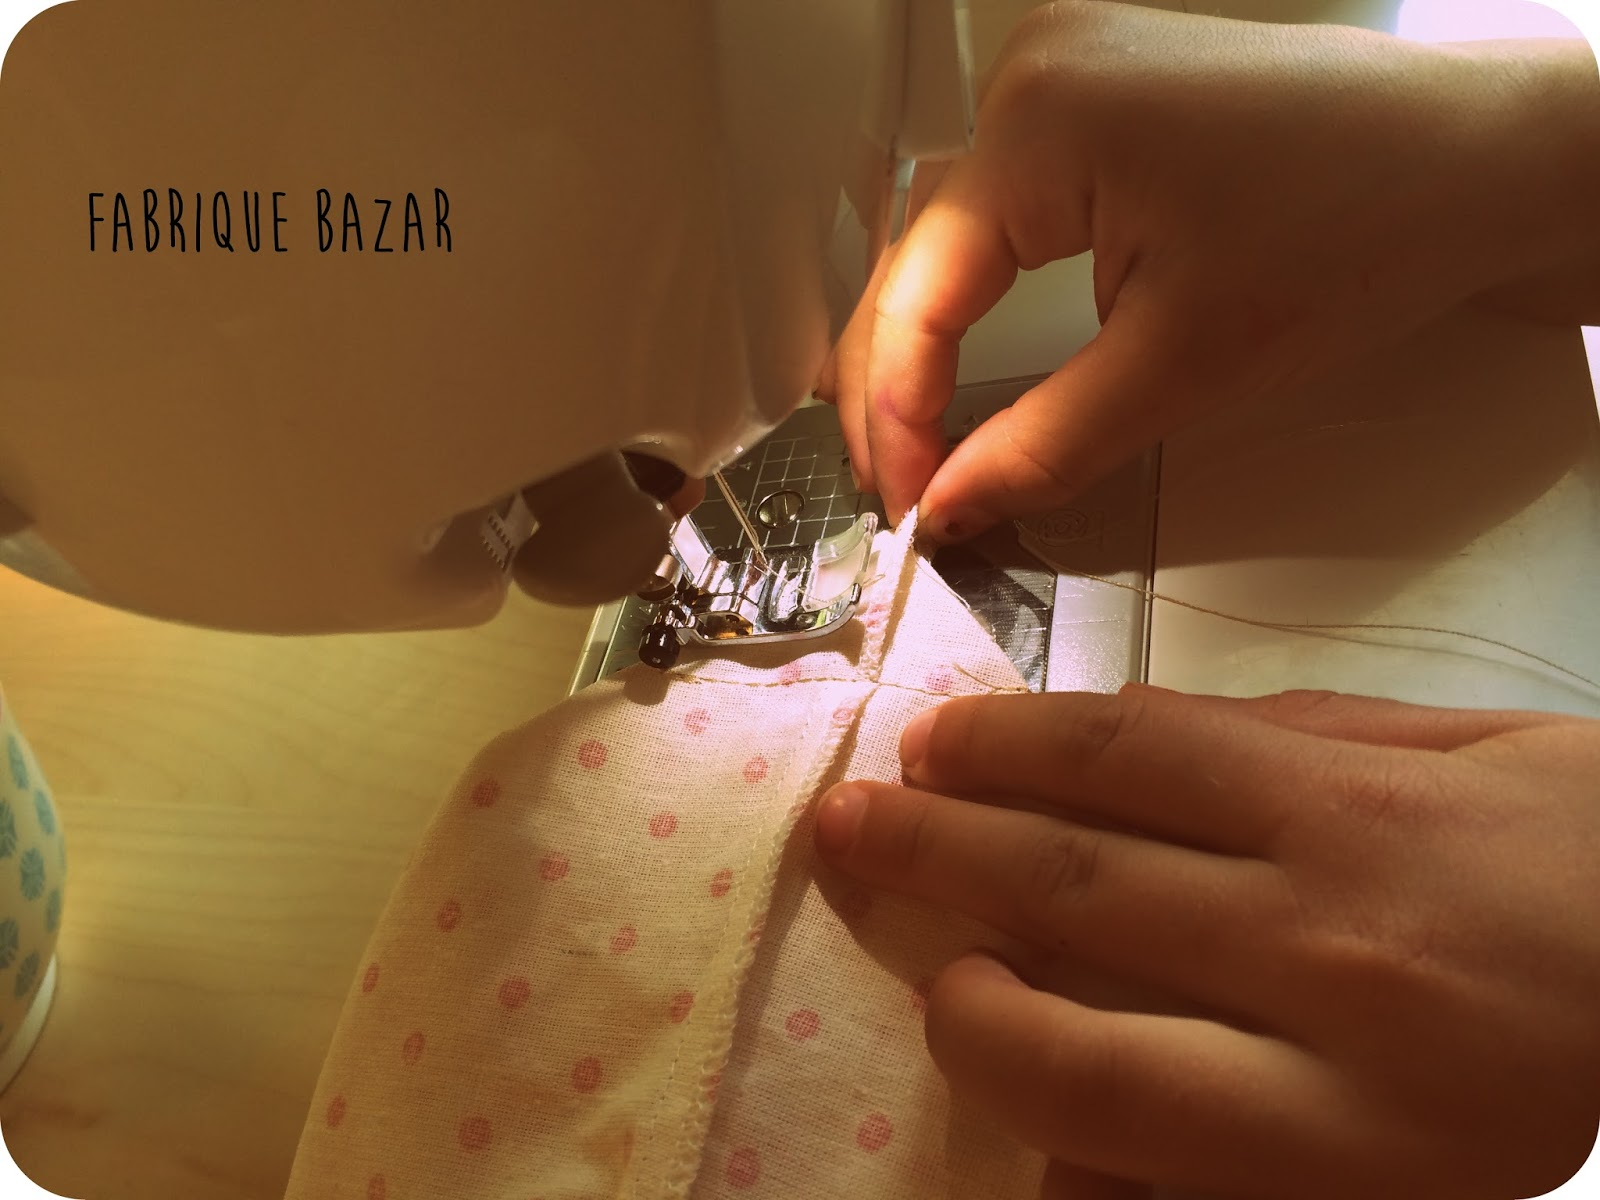 atelier de couture ludique et cr atif atelier s rigraphie chez fabrique bazar ou comment. Black Bedroom Furniture Sets. Home Design Ideas